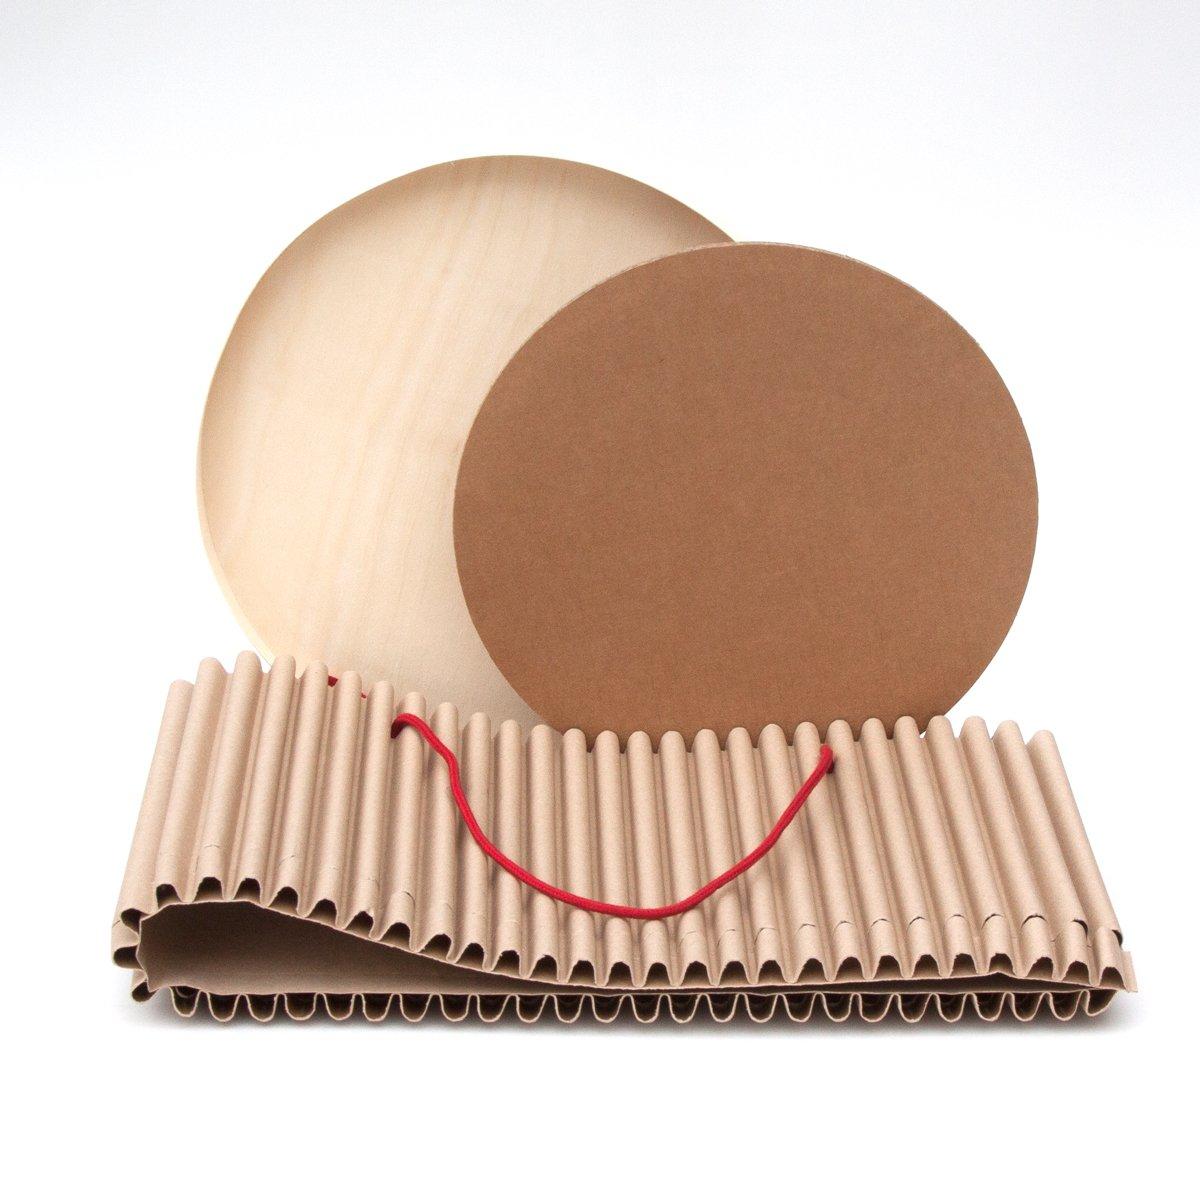 36 cm cArt/ù Box: Presenta Il Tuo Regalo con Stile ed Eleganza Grazie a queste scatole costruite in cArt/ù Protettive e robuste Complete di Coperchio in Legno.Tondo Grande Esterne: d h 27.5 cm.